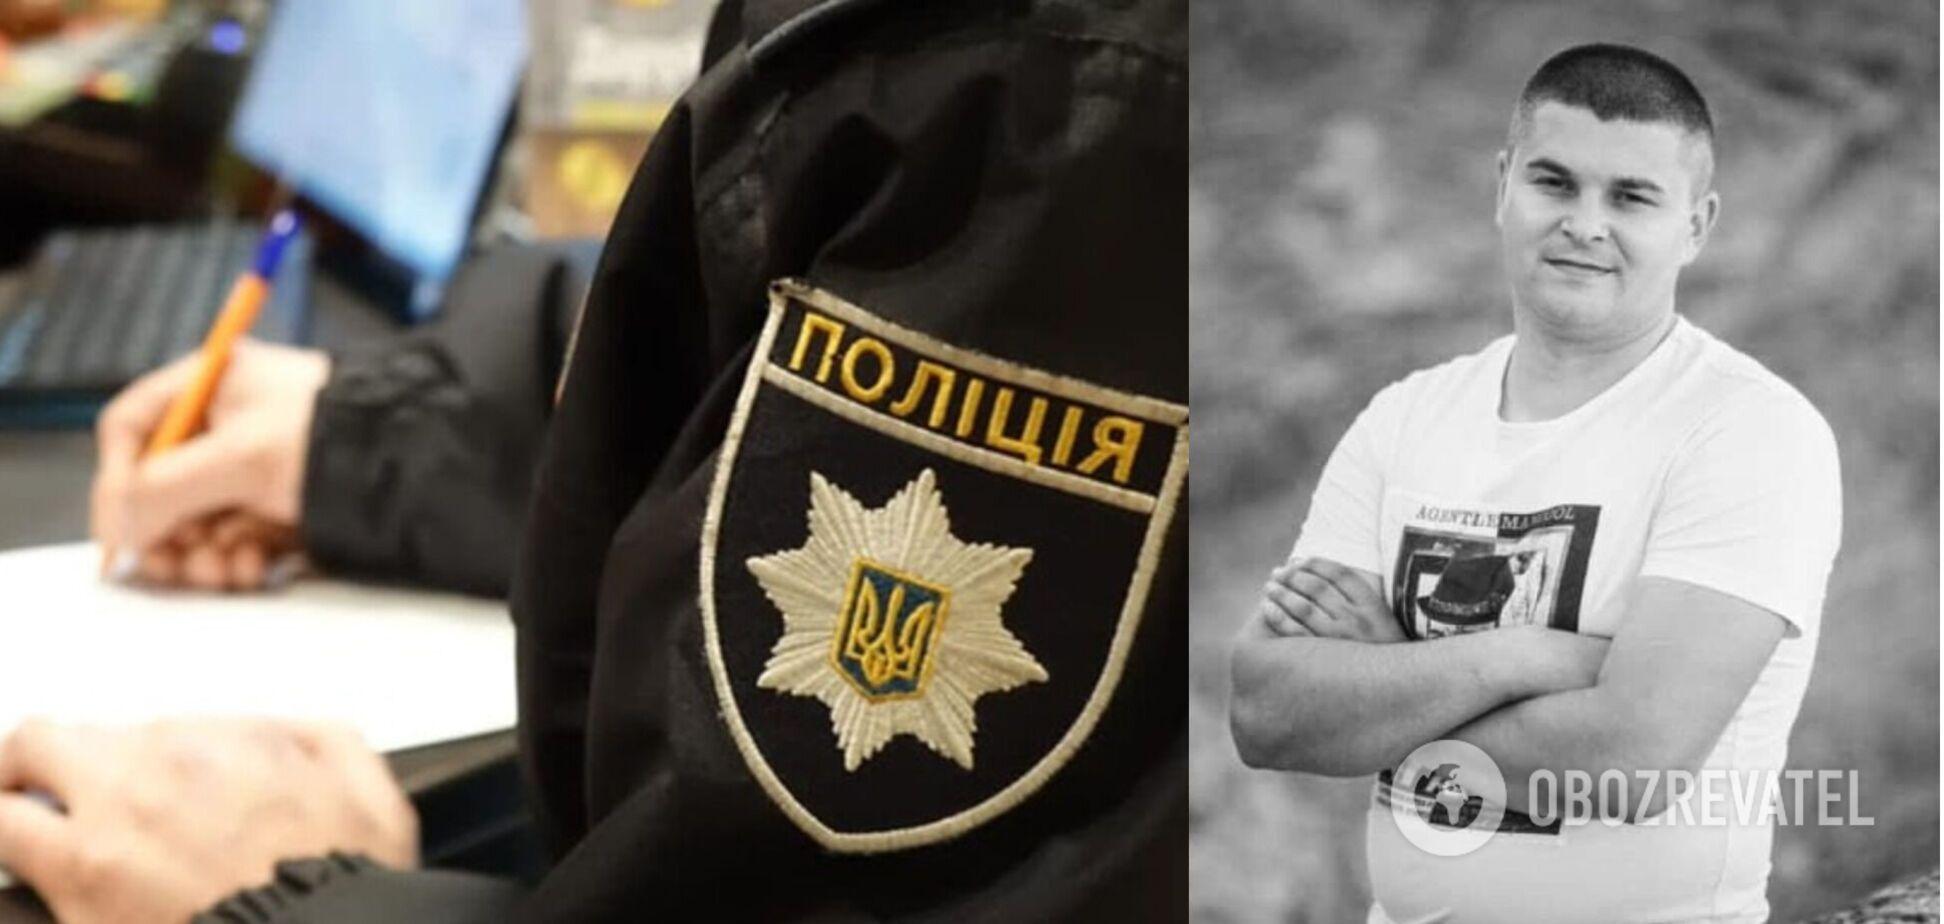 В Одессе нашли повешенным замначальника полиции Измаила, который одолжил у коллег $300 тысяч. Фото